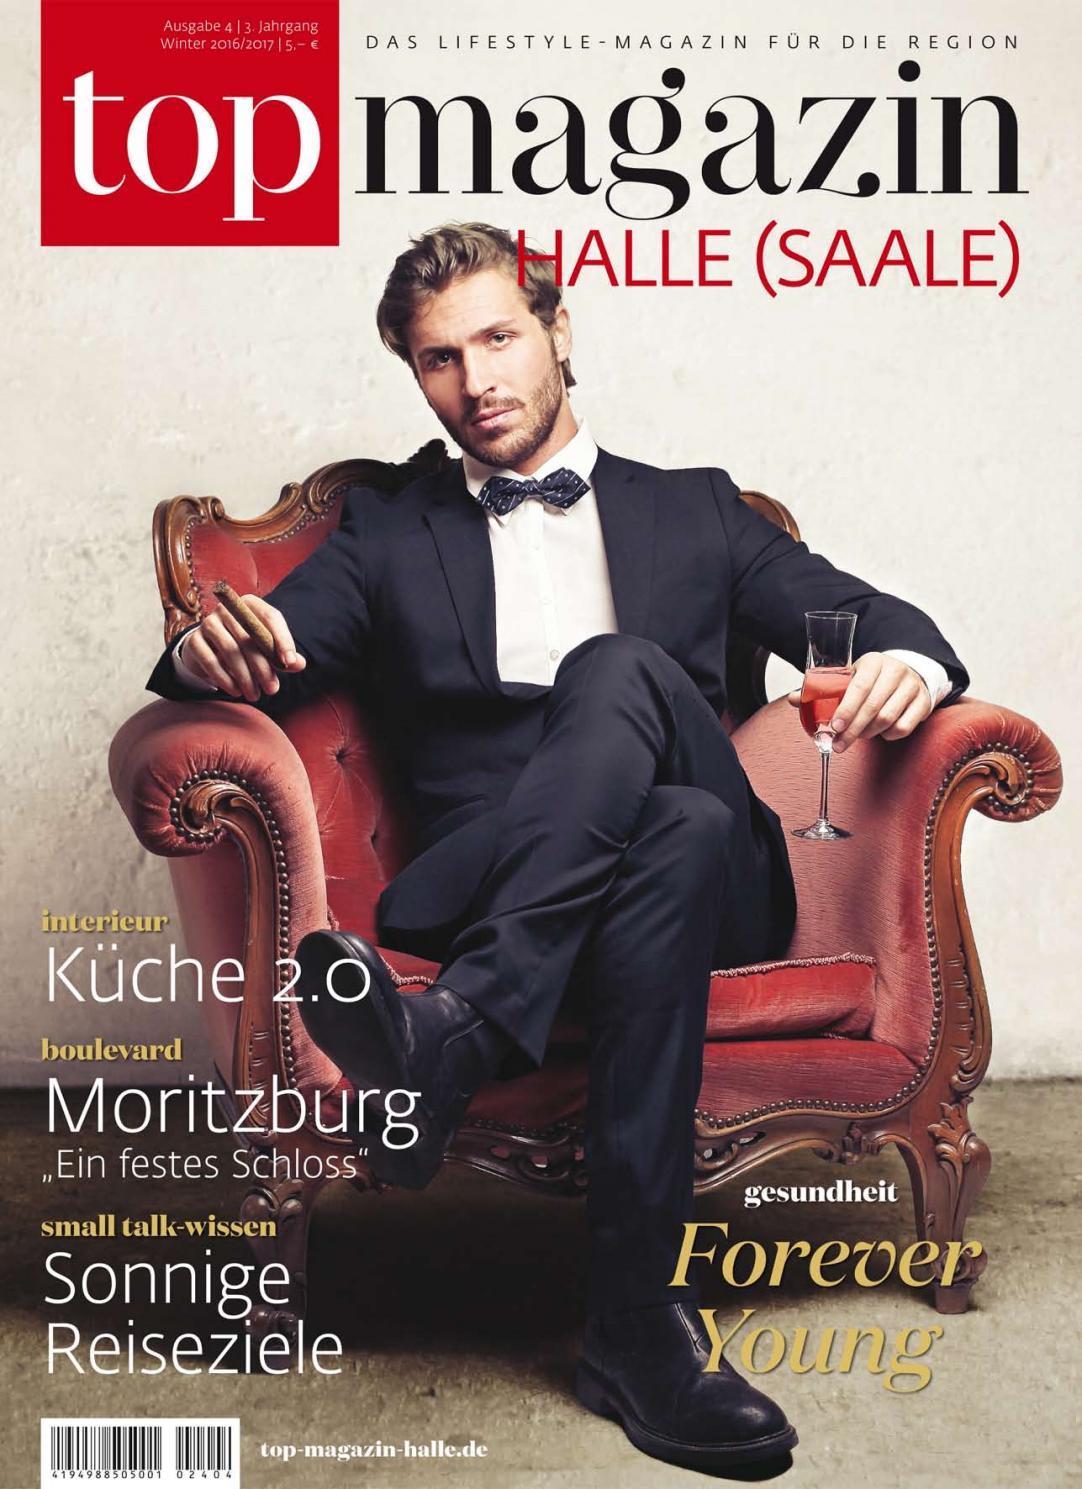 Top Magazin Halle (Saale) U2013 W2016 By Top Magazin   Issuu